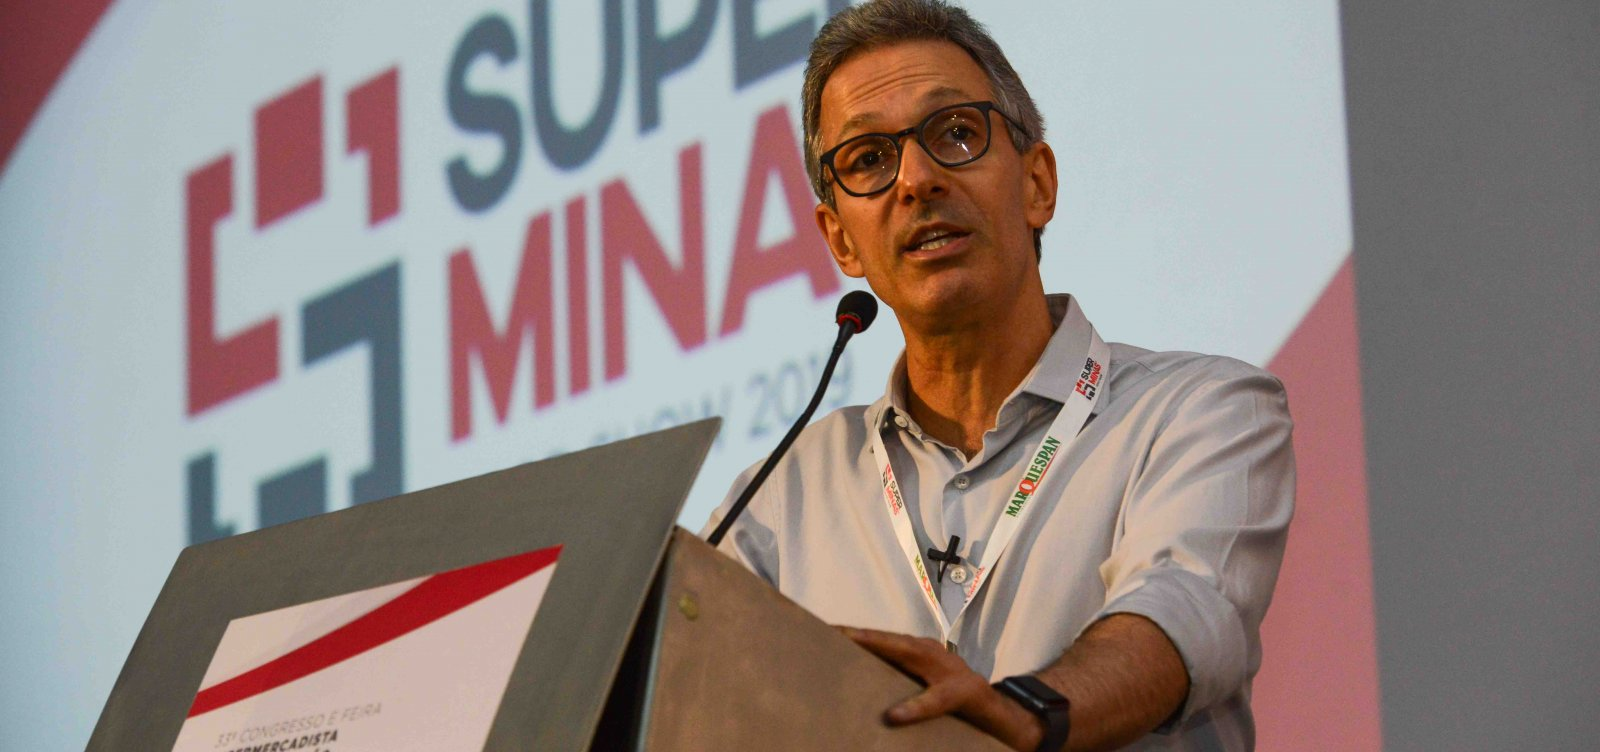 Constituição deixou Brasil 'um tanto quanto ingovernável', diz governador de Minas